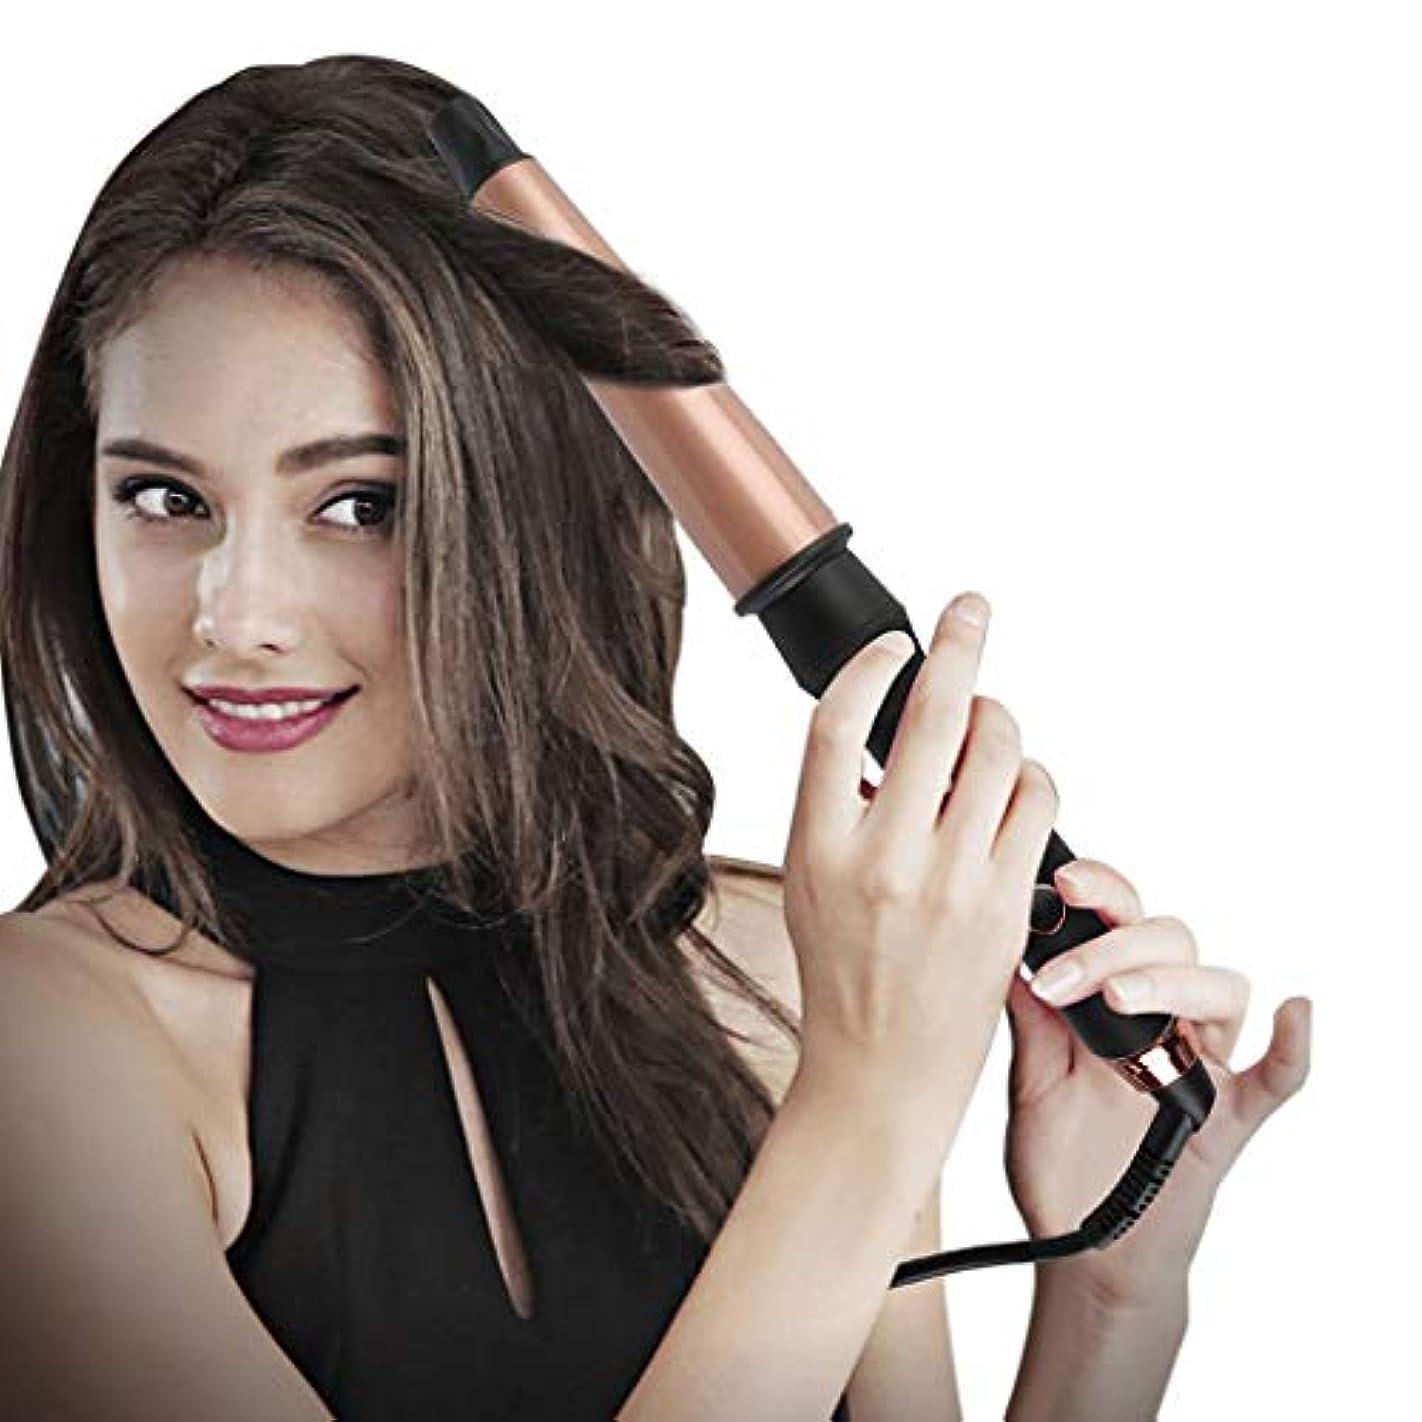 追うマーチャンダイジング民族主義トルマリンセラミックカーリング鉄カーリングアイロンスパイラルヘアスティック手袋を送信する髪カーラーパーマ液晶自動カーリングアイロンポータブルヘアカーラー髪を傷つけるしない